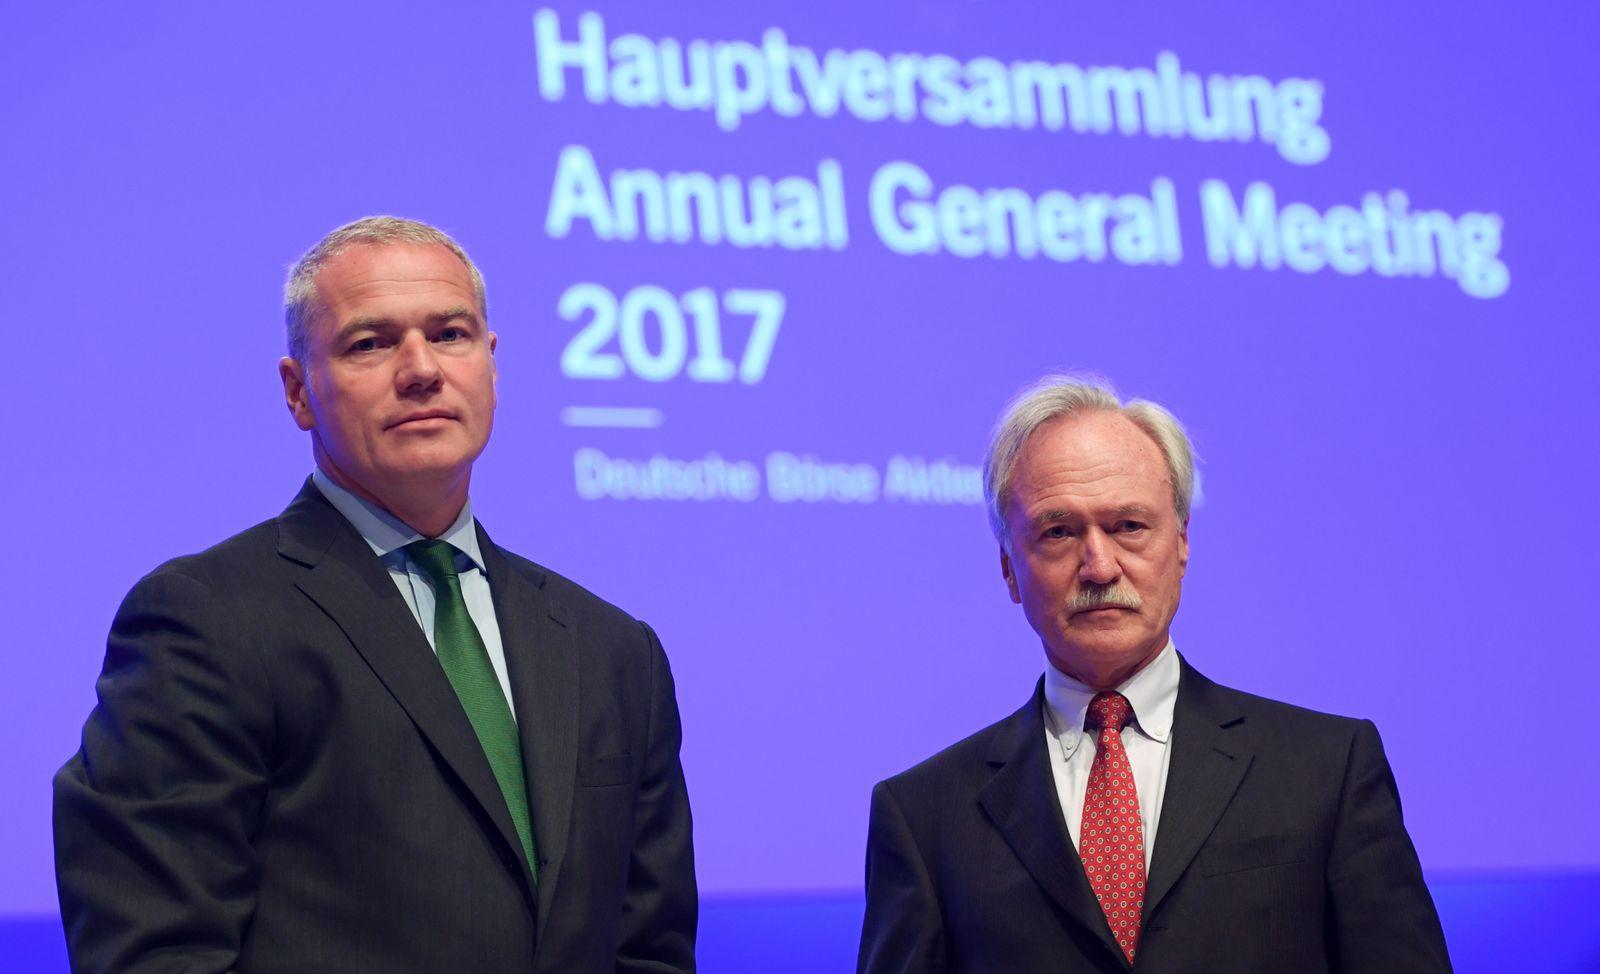 Carsten Kengeter / Joachim Faber